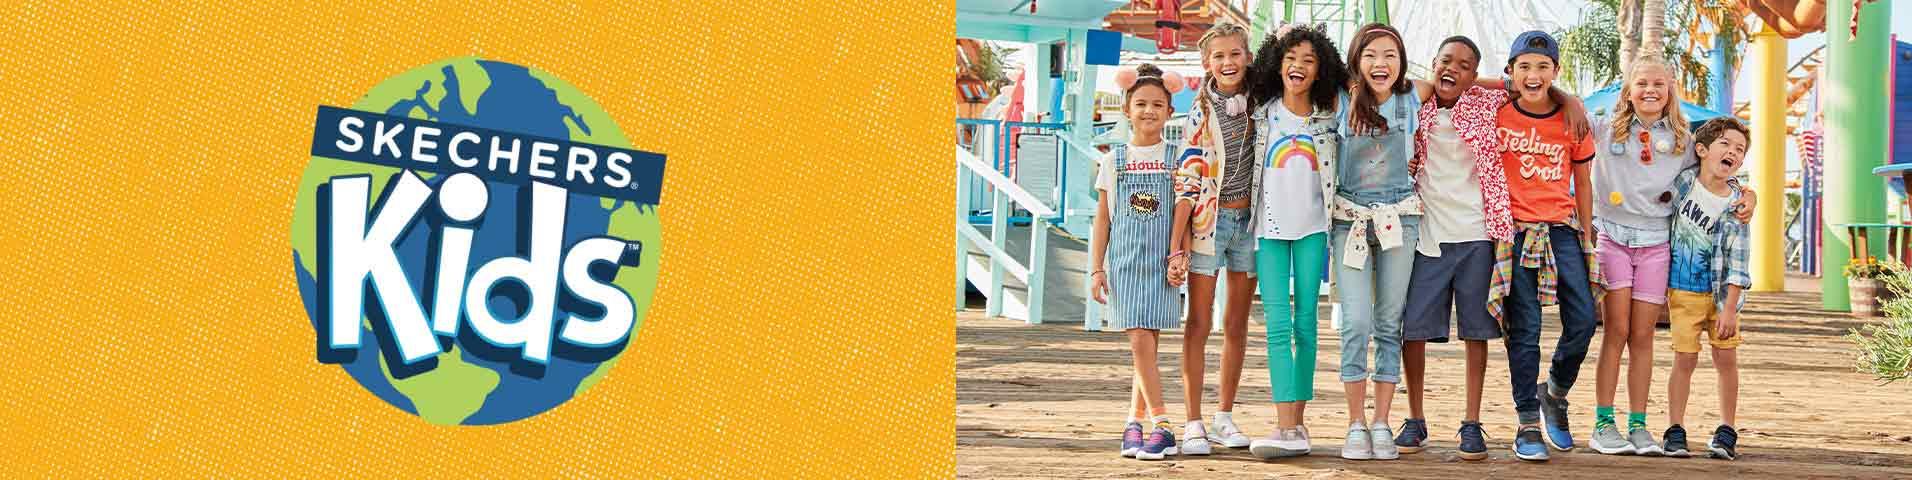 Kolorowe Odzież i buty dziecięce Skechers w Zalando